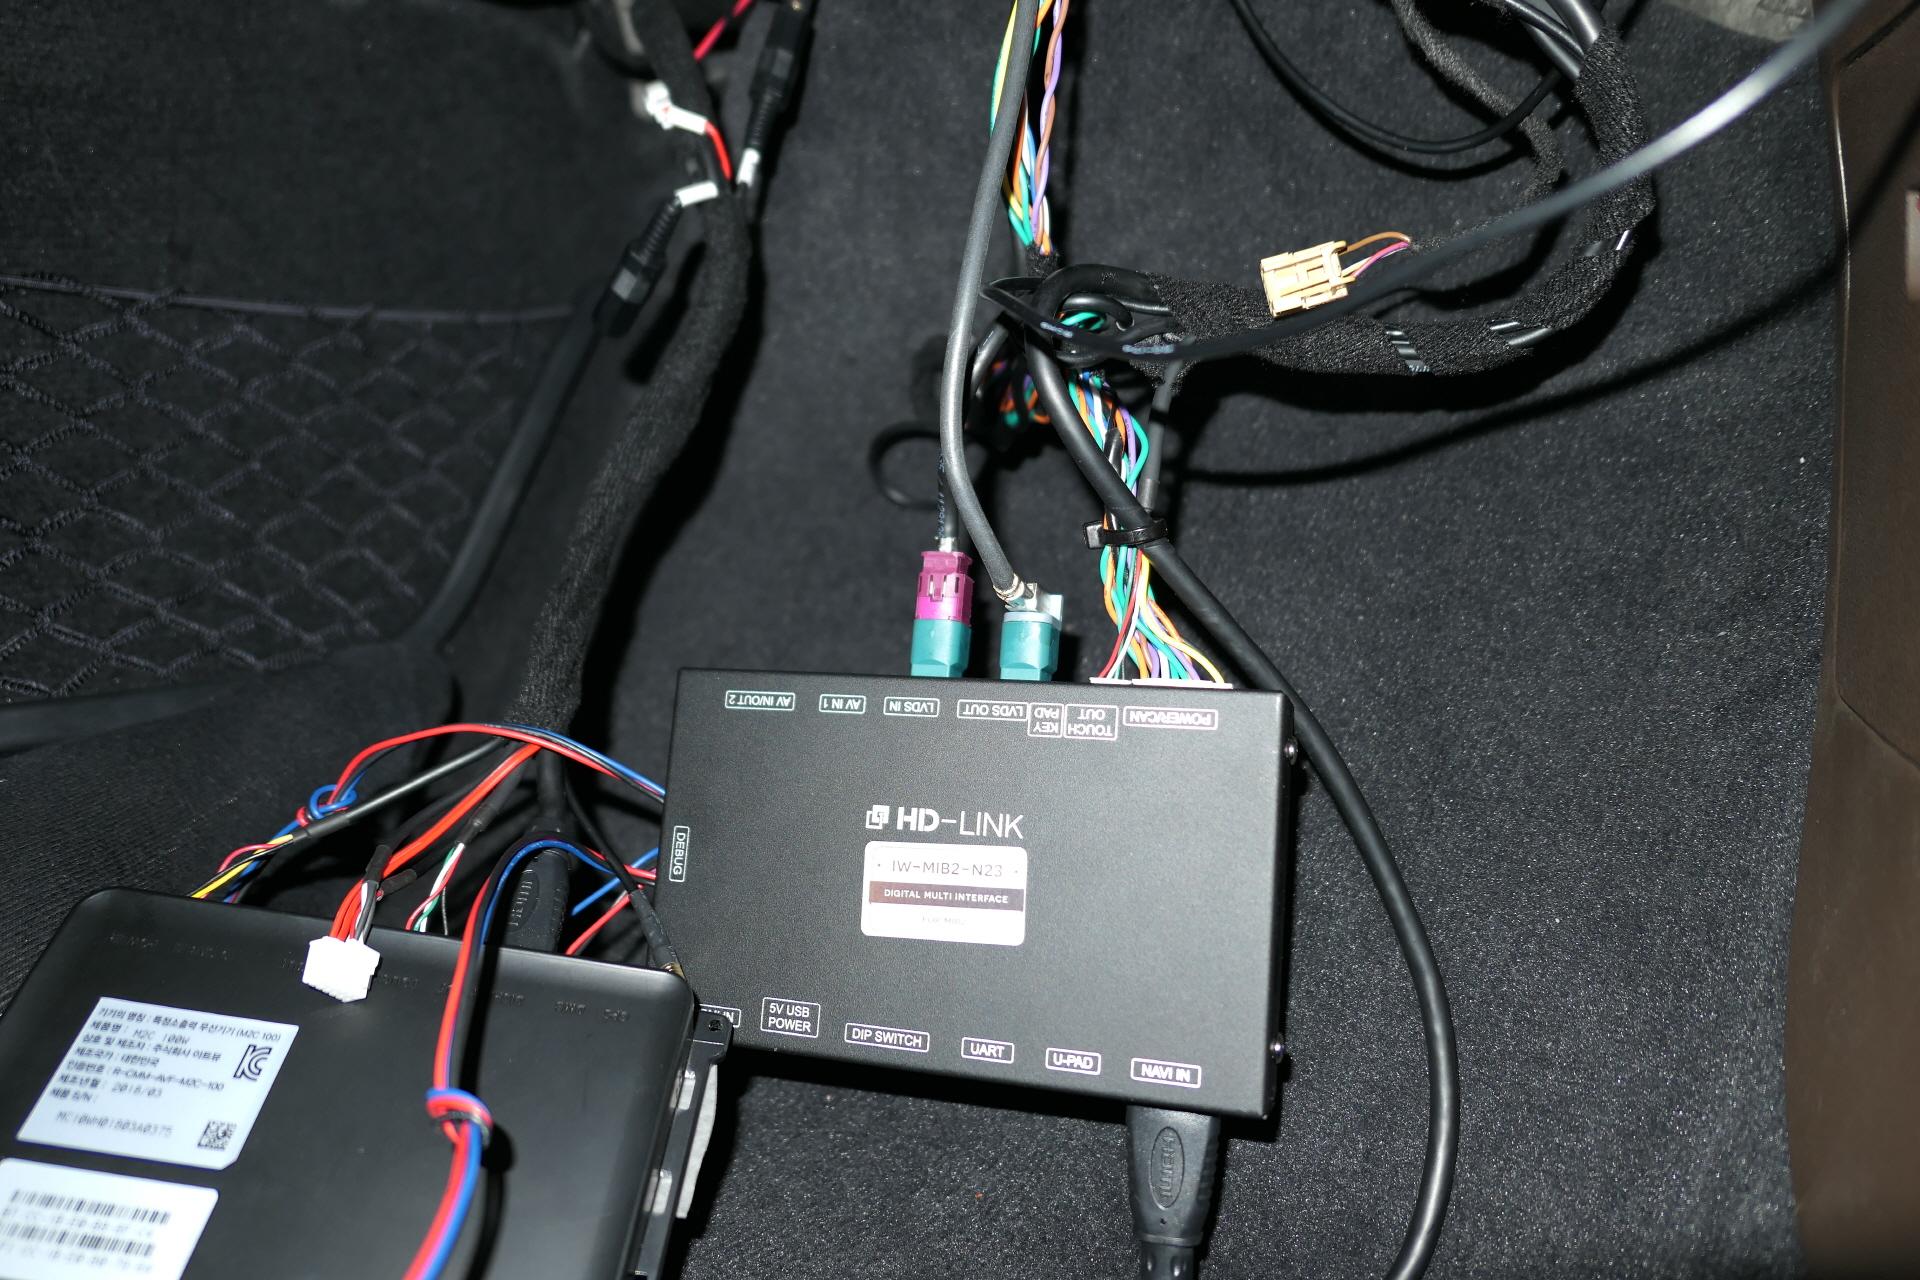 Mib2 Firmware